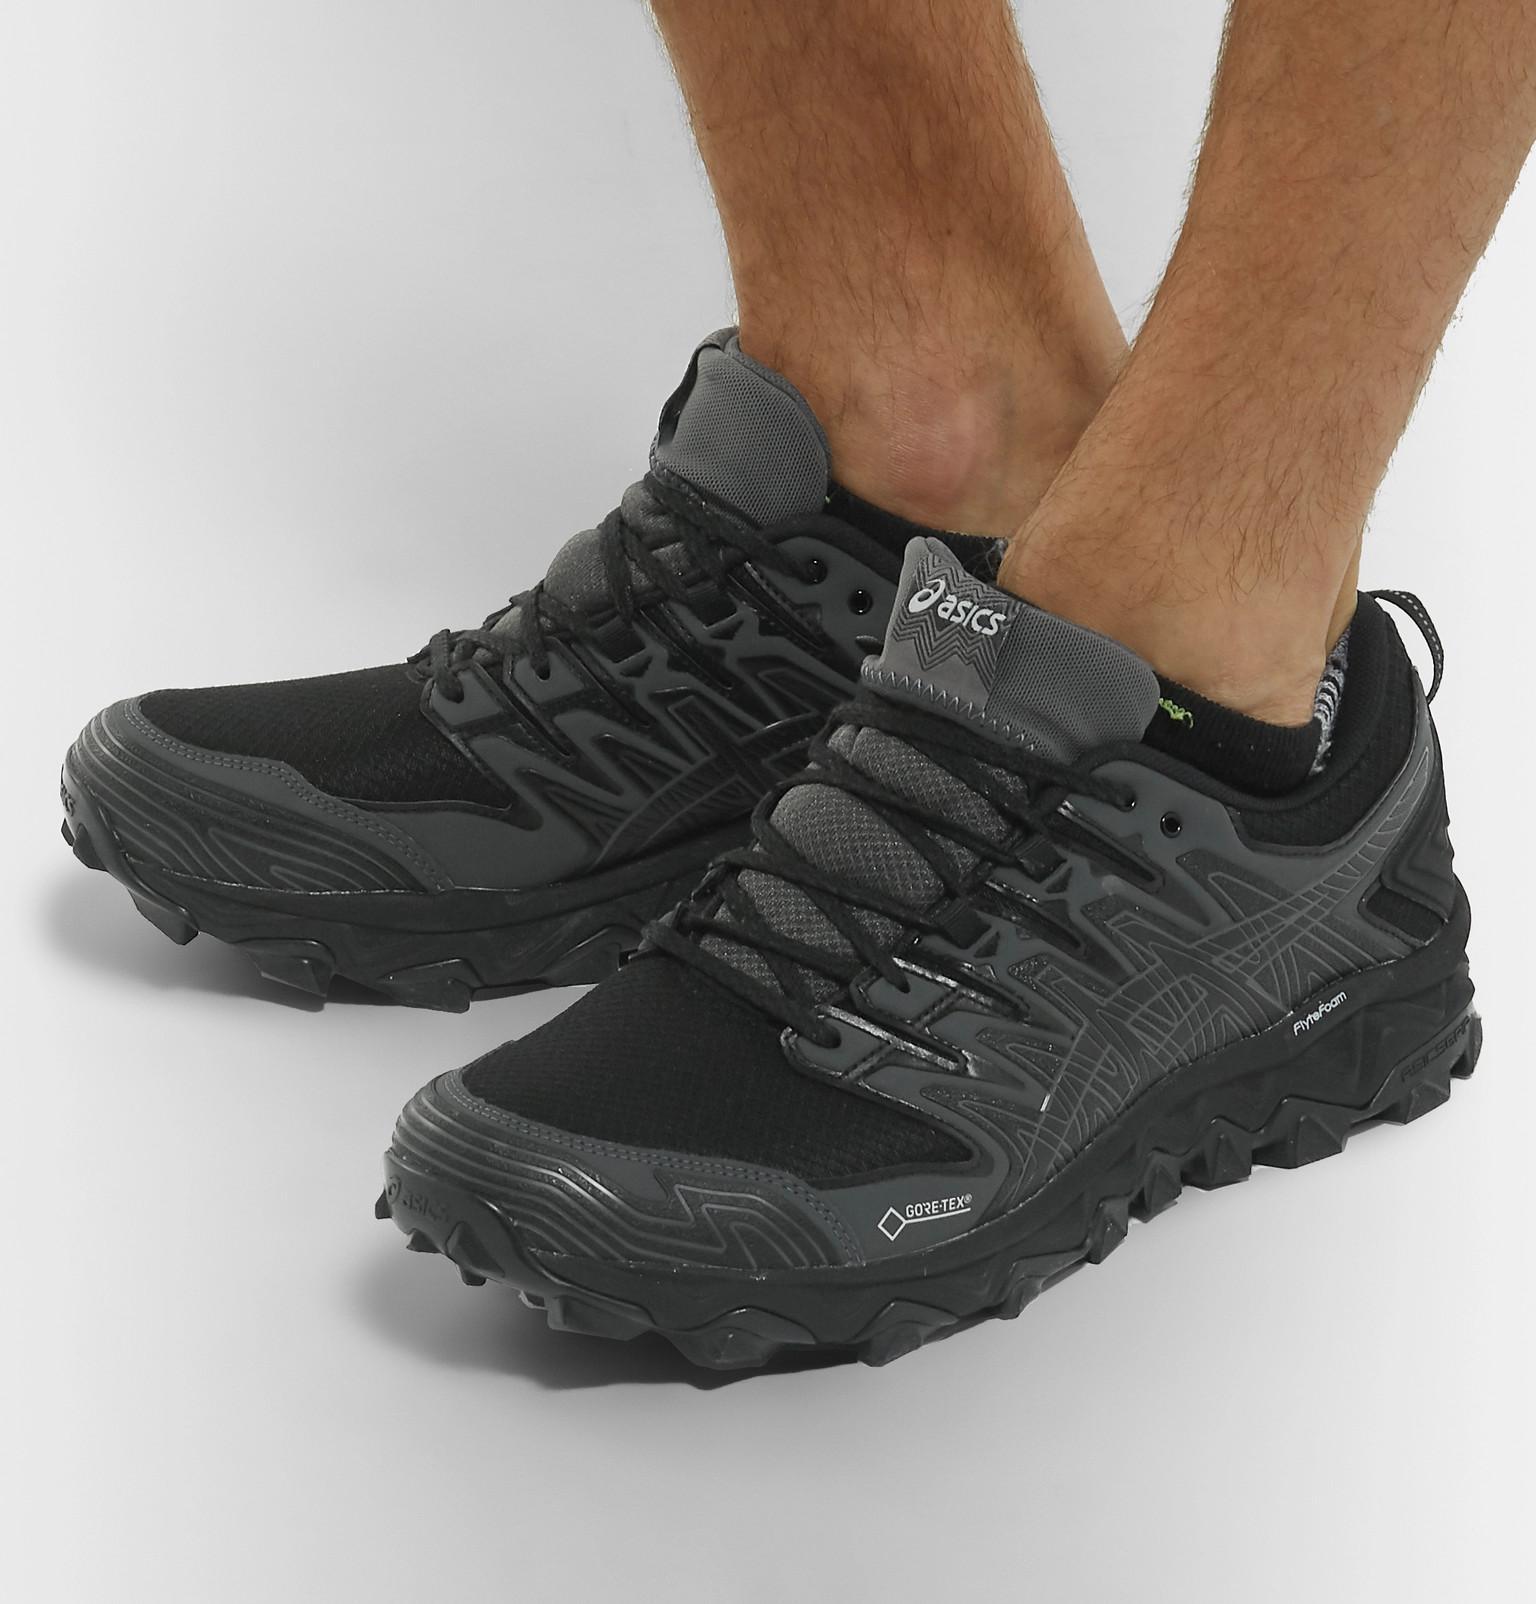 d78a5c23 Asics Black Gel-fujitrabuco 7 Gore-tex Running Sneakers for men